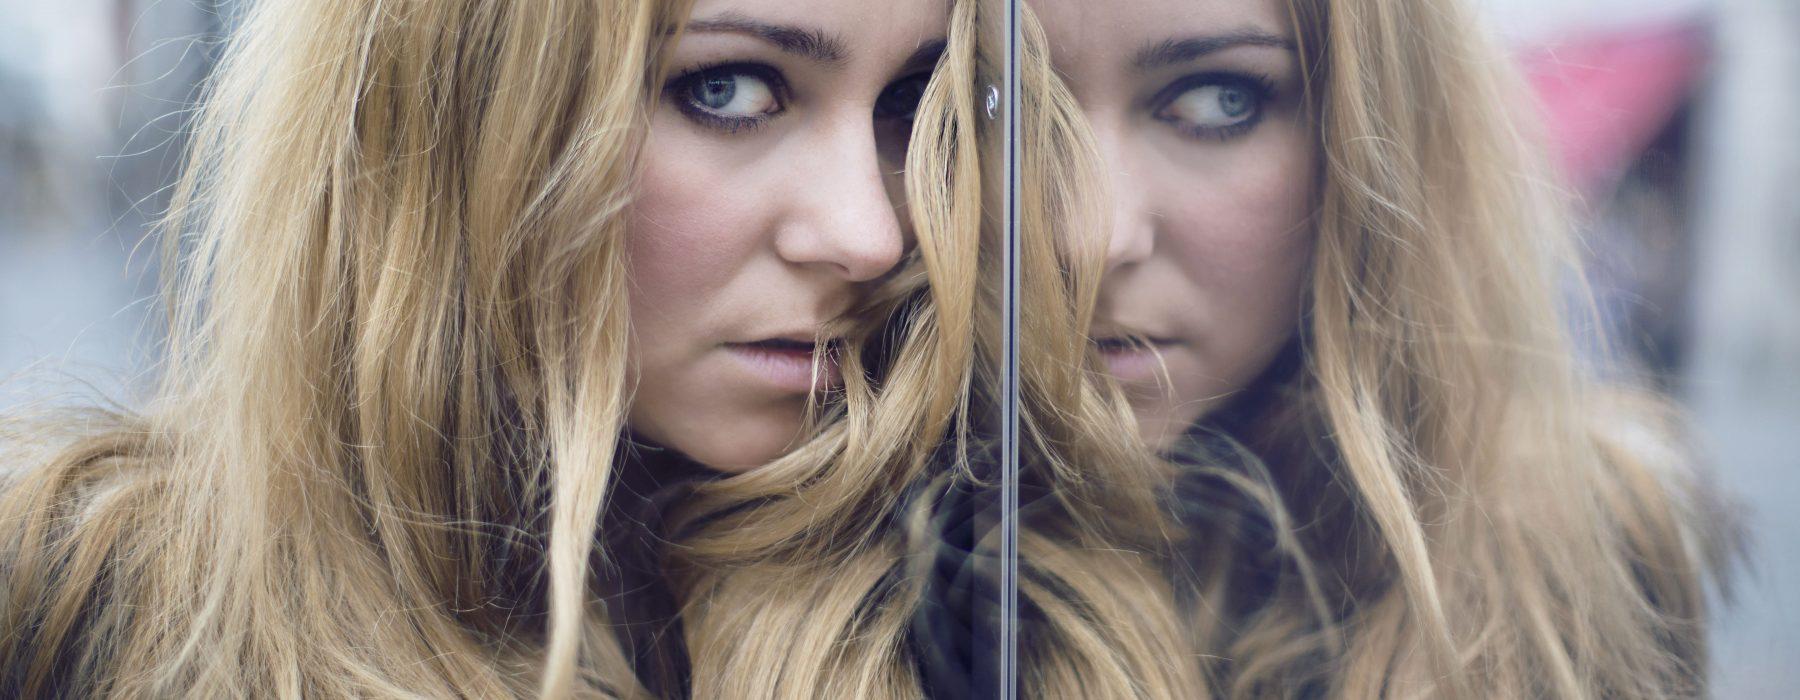 Ana's portraits